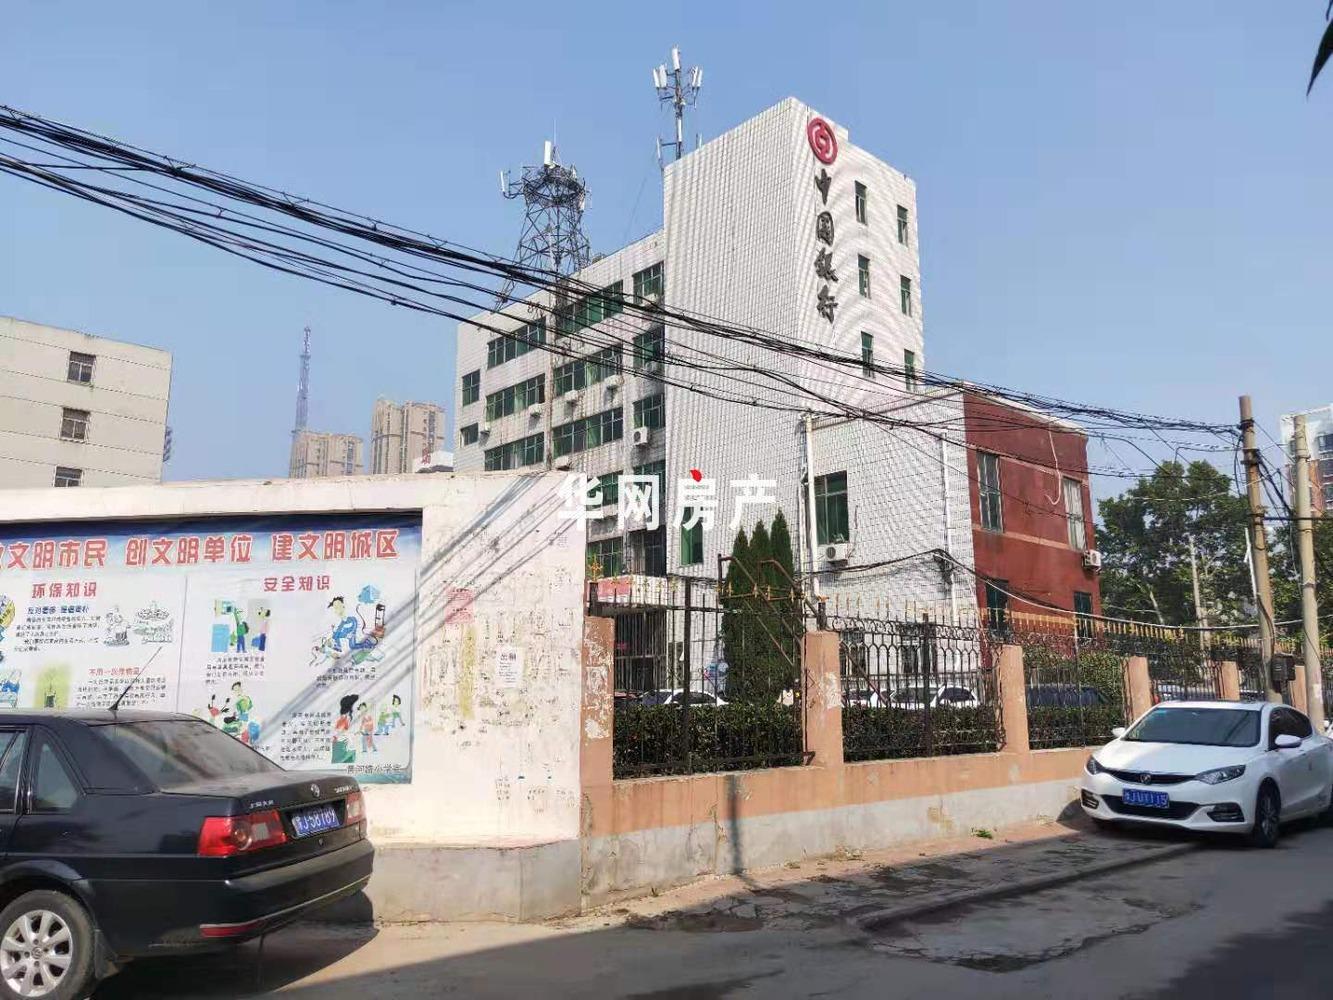 中国银行家属院